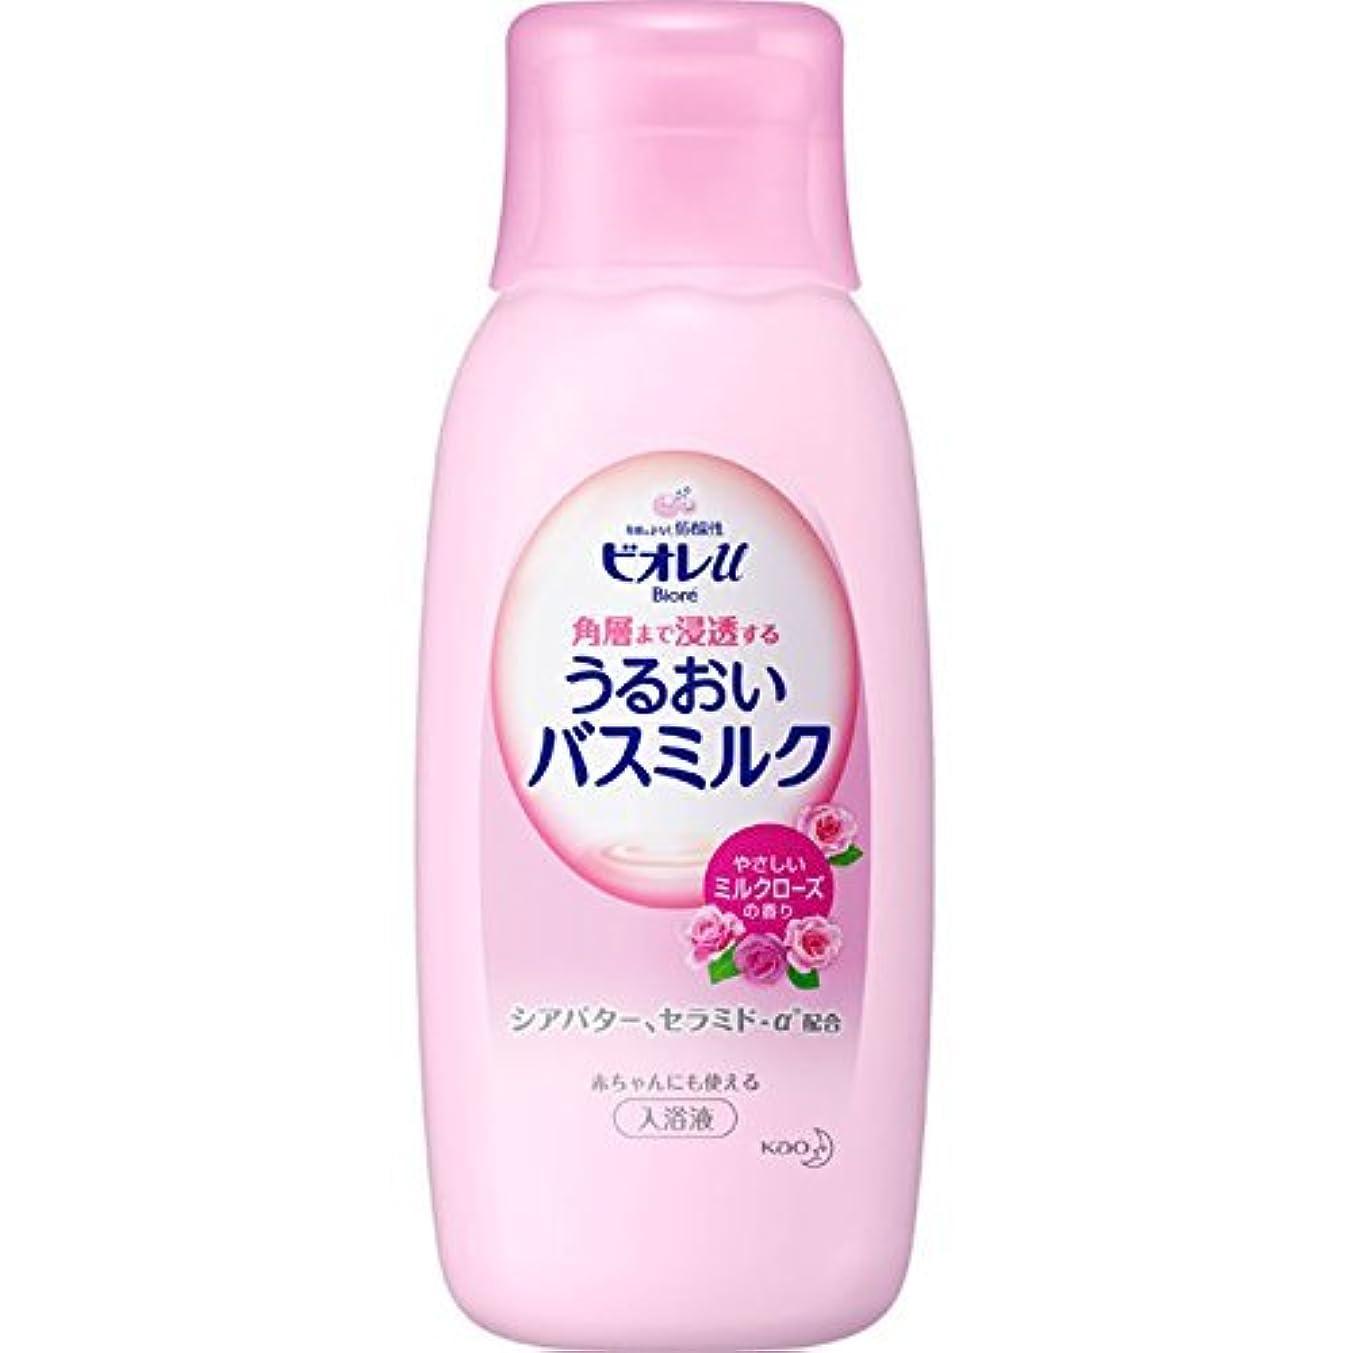 引くピンクがっかりする【花王】ビオレU 家族みんなのすべすべバスミルク ミルクローズの香り <本体> 600ml ×20個セット